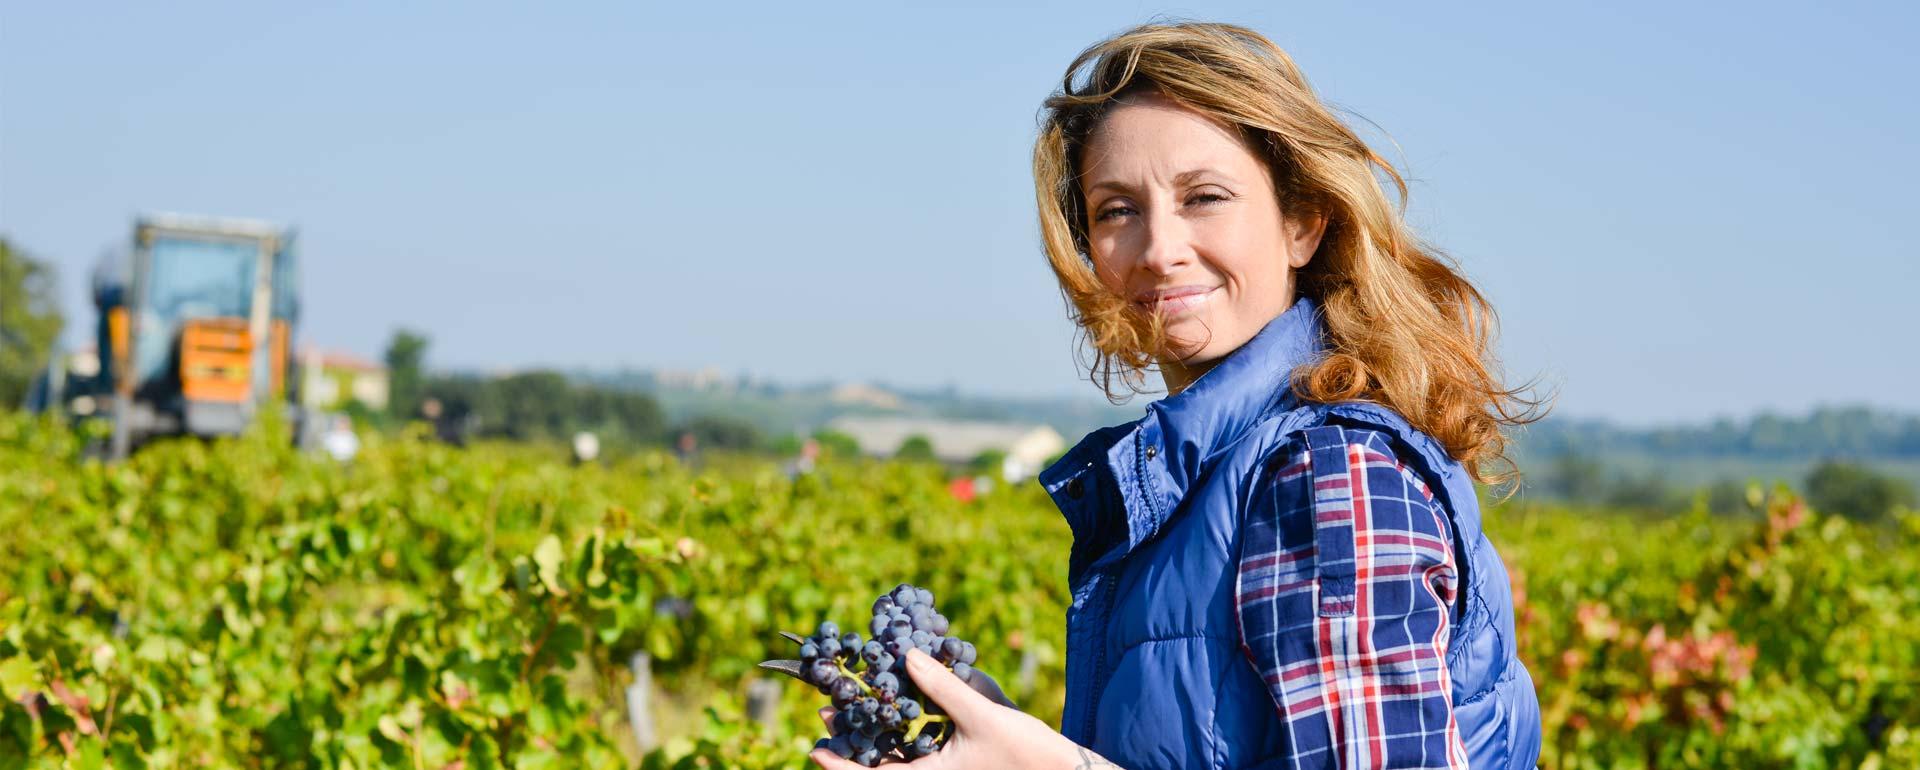 Bando per investimenti nelle aziende agricole: la graduatoria